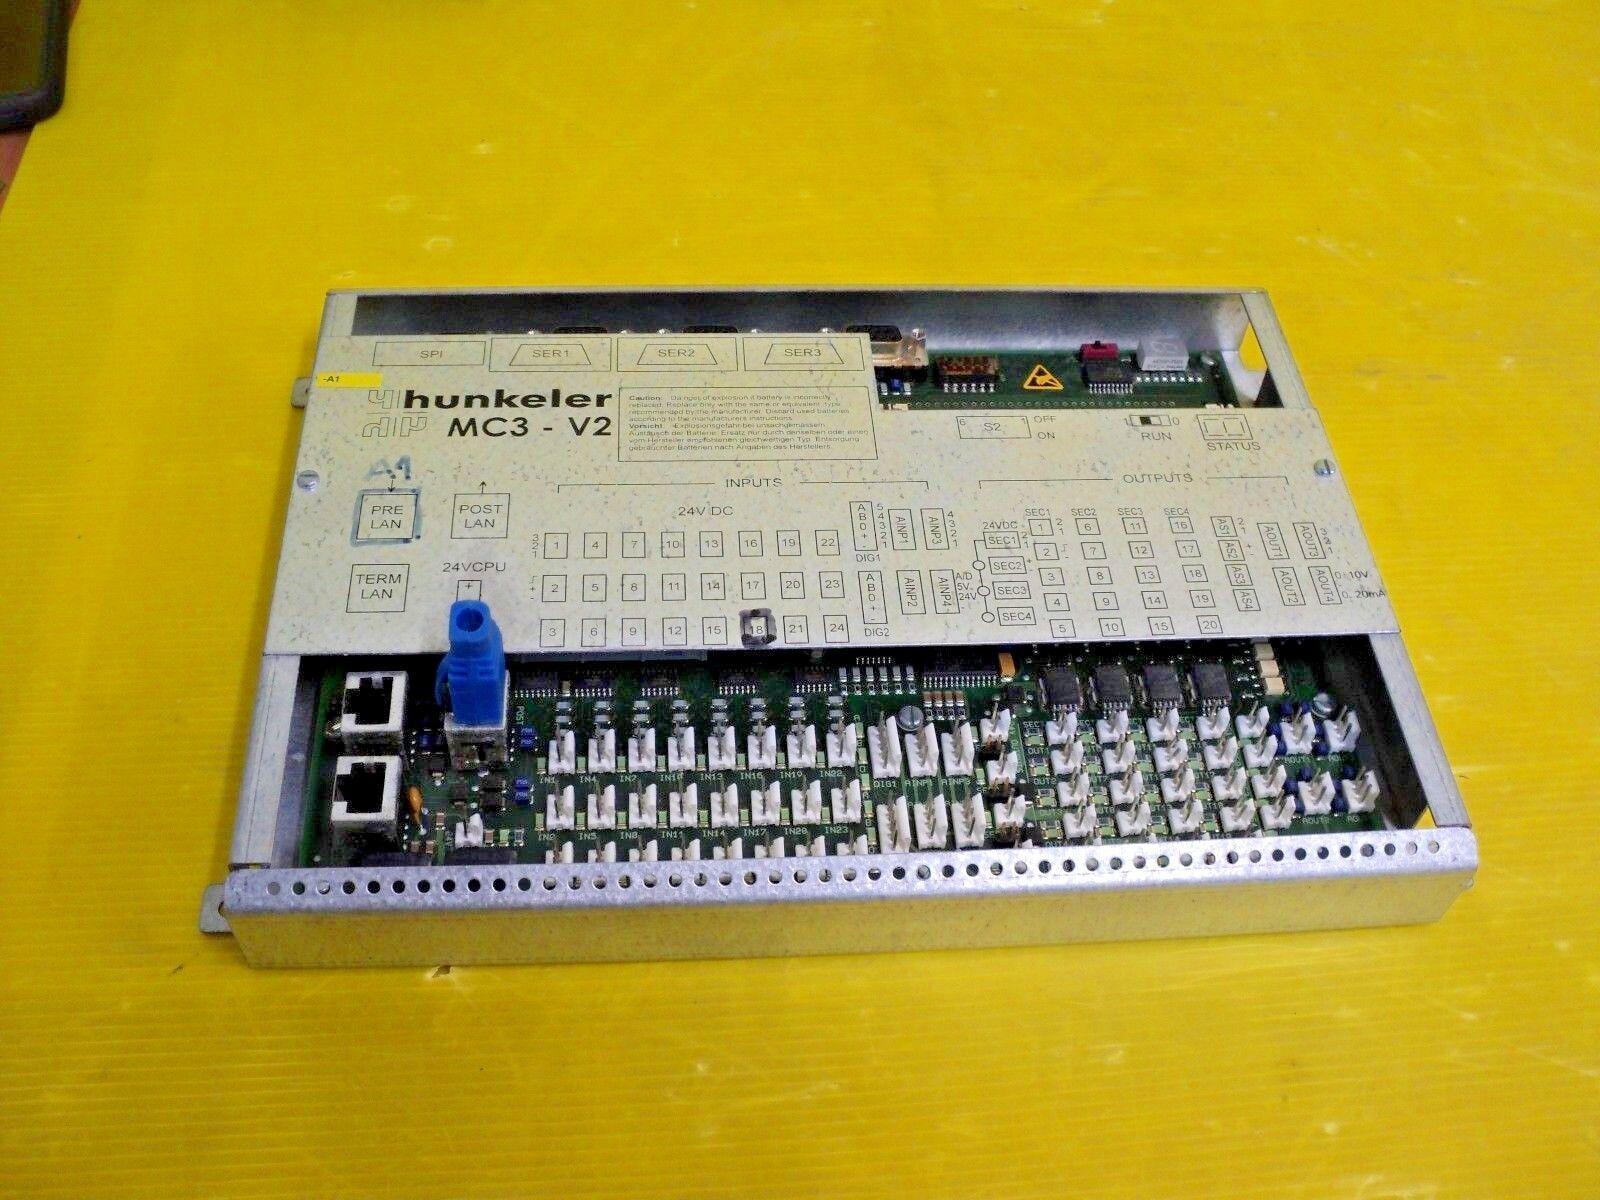 Hunkeler MC3-V2 MC-3 ART 8111.00044.9 407083 023 VER 2.3